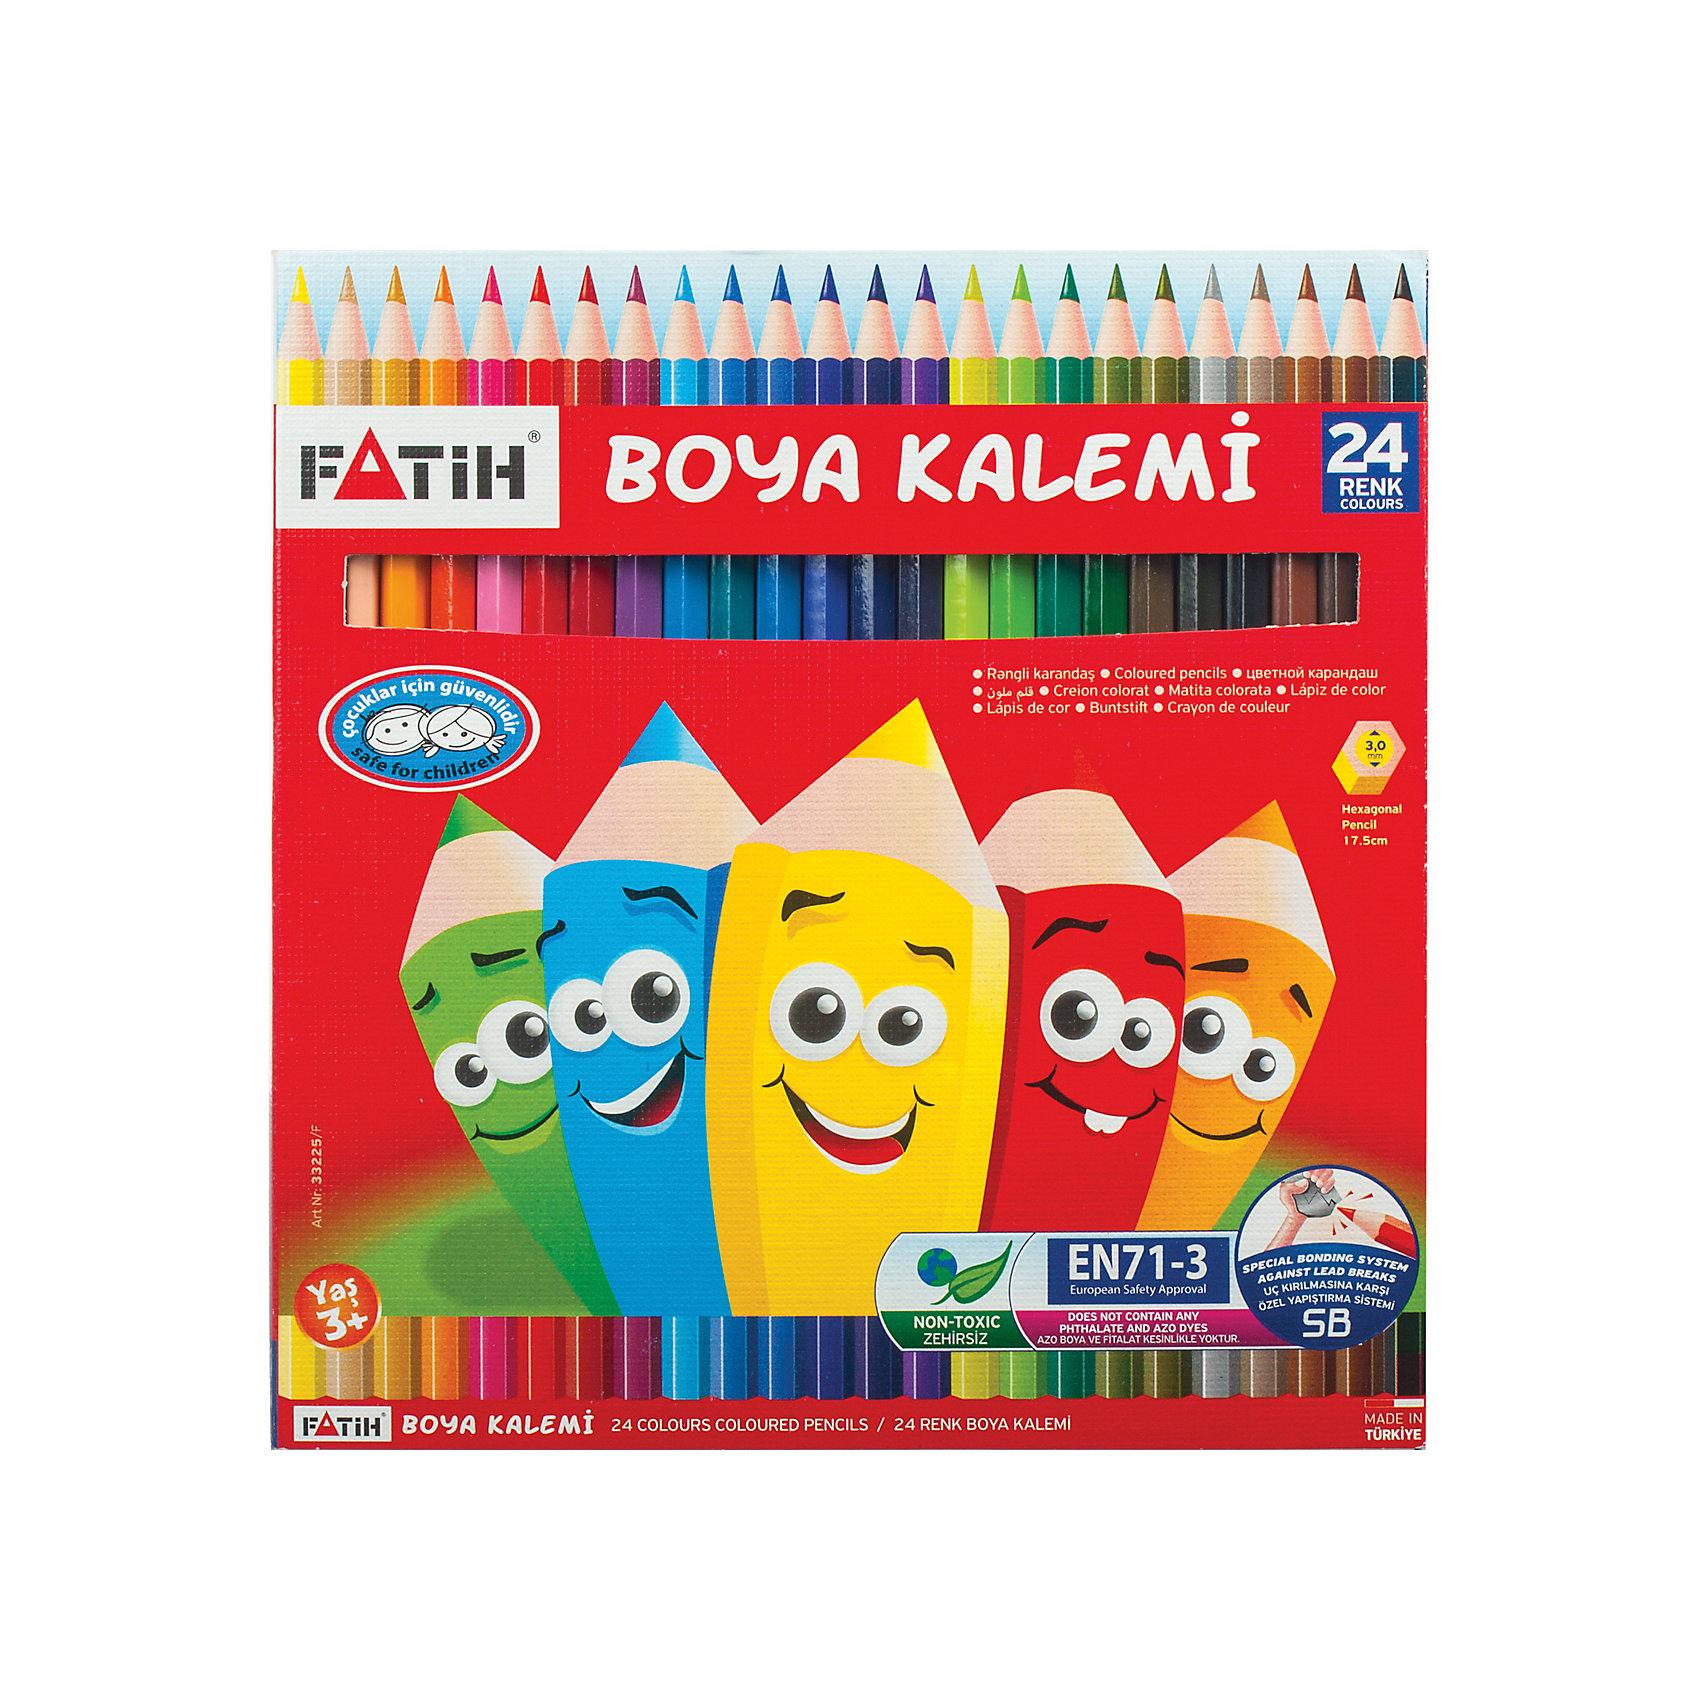 Цветные карандаши, 24 цв., PensanПисьменные принадлежности<br>В наборе 24 карандаша ярких и сочных цветов. Для их производства использовалась качественная древесина, которая гарантирует сохранность мягкого грифеля и легкую заточку.<br><br>Дополнительная информация: <br><br>- 24 цвета.<br>- Шестигранный корпус.<br>- Высокосортная древесина.<br>- Легко затачиваются.<br>- Размер упаковки: 0,8х17х18  см.<br>- Вес в упаковке: 4 г.<br><br>Цветные карандаши Pensan  можно купить в нашем магазине.<br><br>Ширина мм: 8<br>Глубина мм: 170<br>Высота мм: 180<br>Вес г: 40<br>Возраст от месяцев: 72<br>Возраст до месяцев: 2147483647<br>Пол: Унисекс<br>Возраст: Детский<br>SKU: 4792675